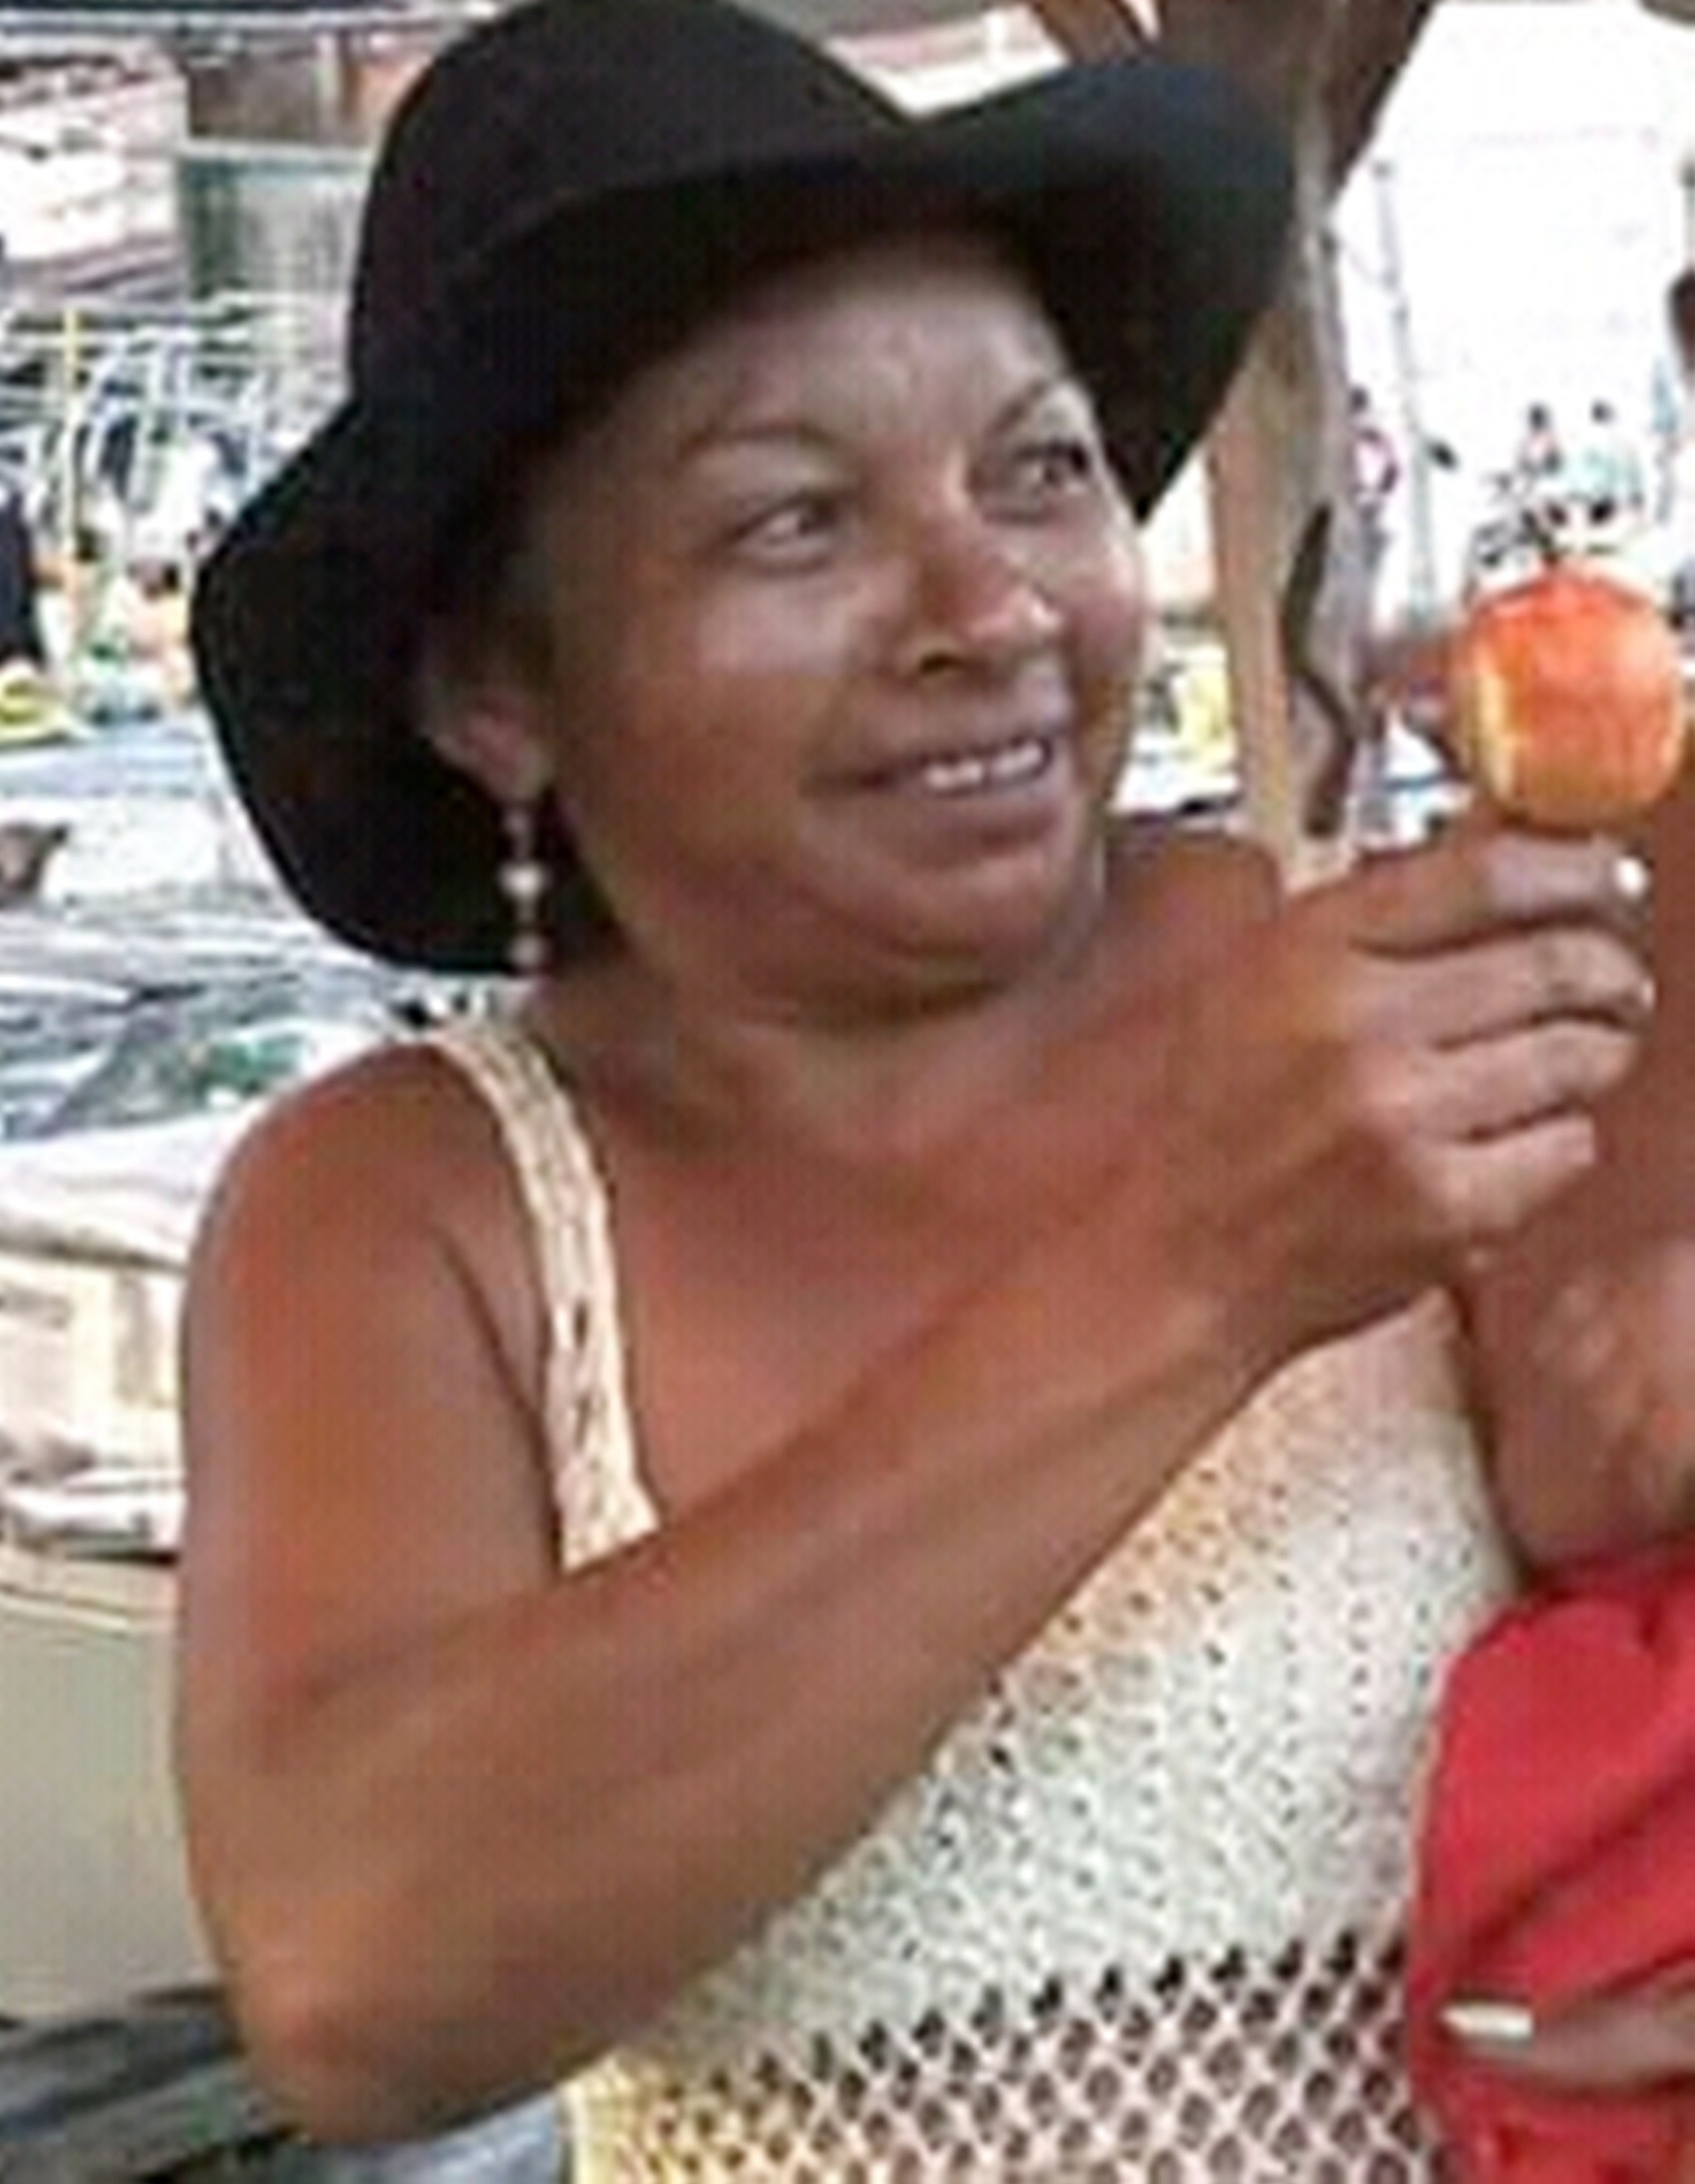 Com tiro de espingarda no peito, mulher é assassinada no interior do RN